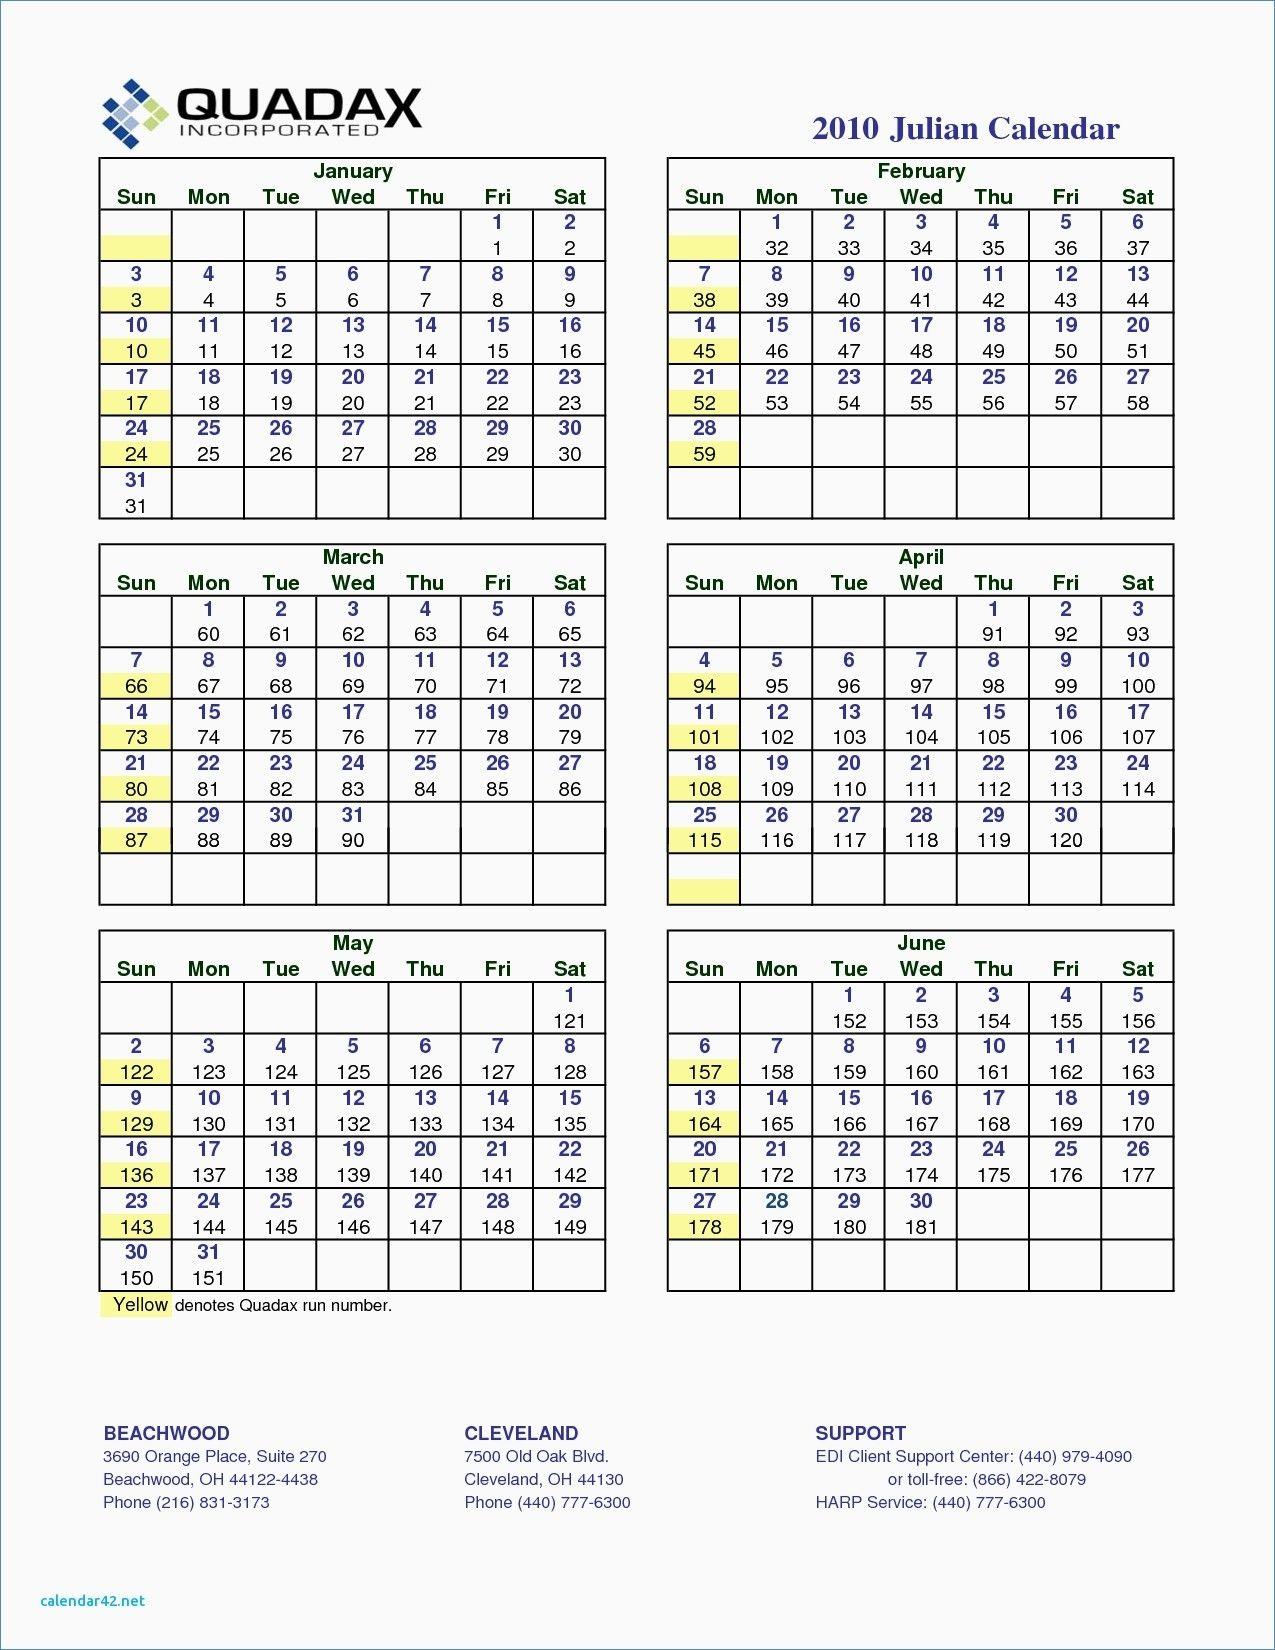 Julian Calendar 2022 Pdf.Julian Calendar 2019 Quadax July 2018 Calendar Sri Lanka Calendar Free Calendar Printables Calendar Marketing Calendar Template